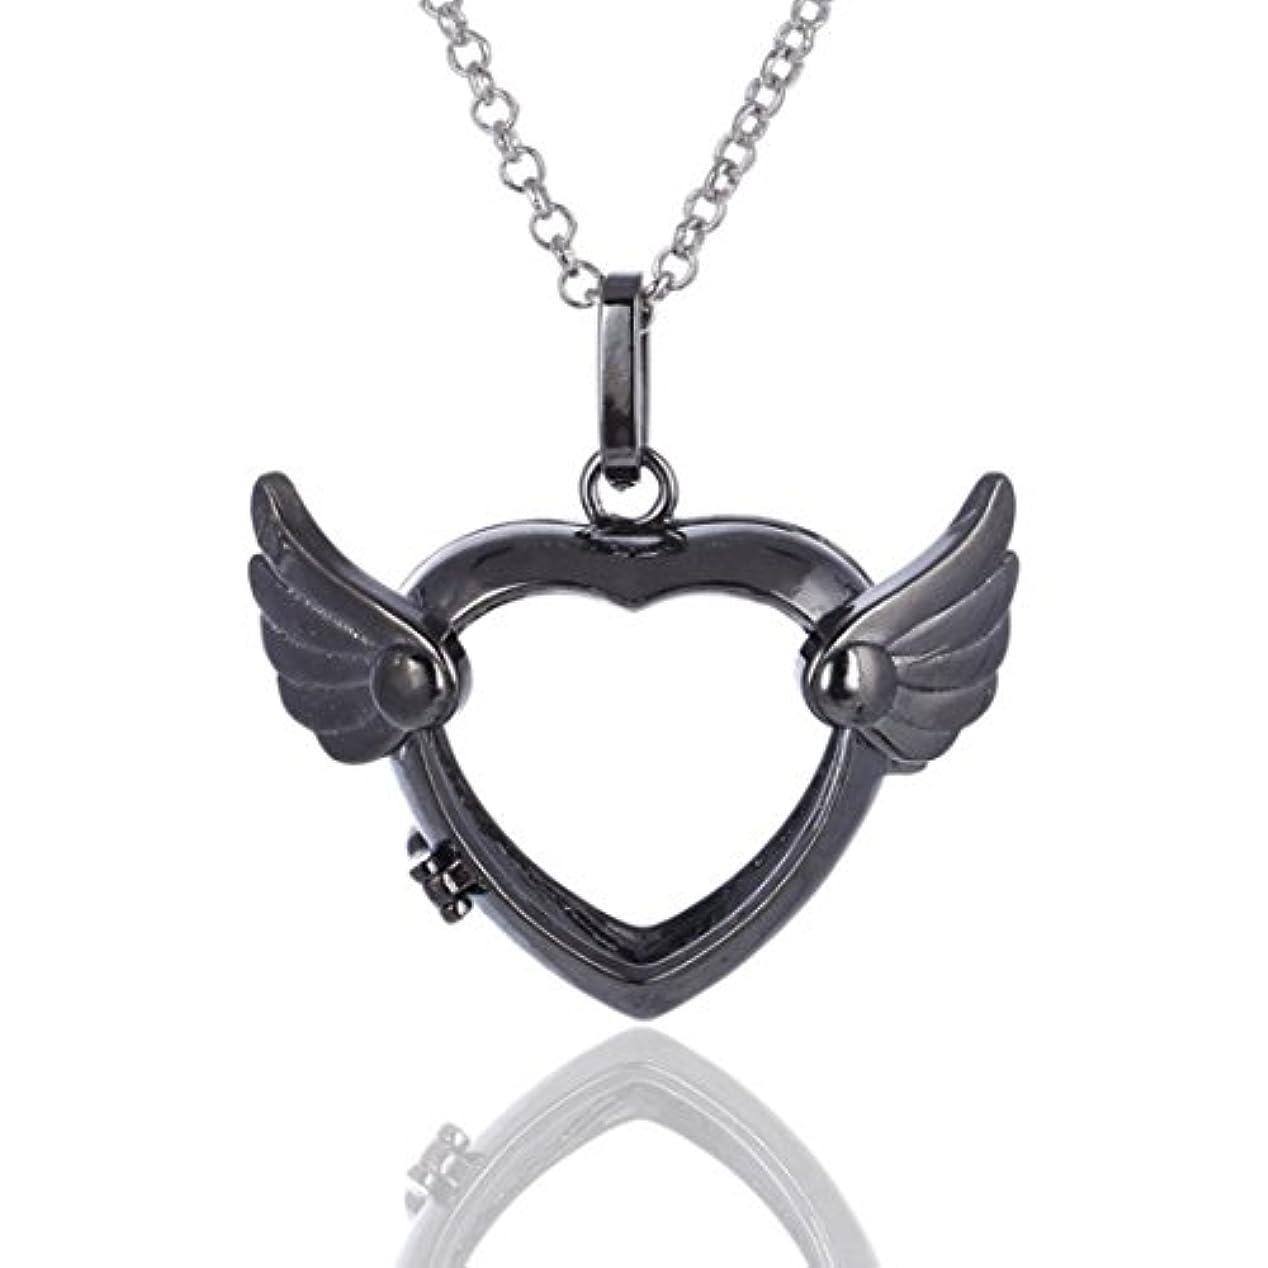 純粋にアリス西Love Heart Angel Wingsロケットペンダント、Aromatherapy Essential Oil Diffuserネックレス、シルバー、ブラック、ゴールド